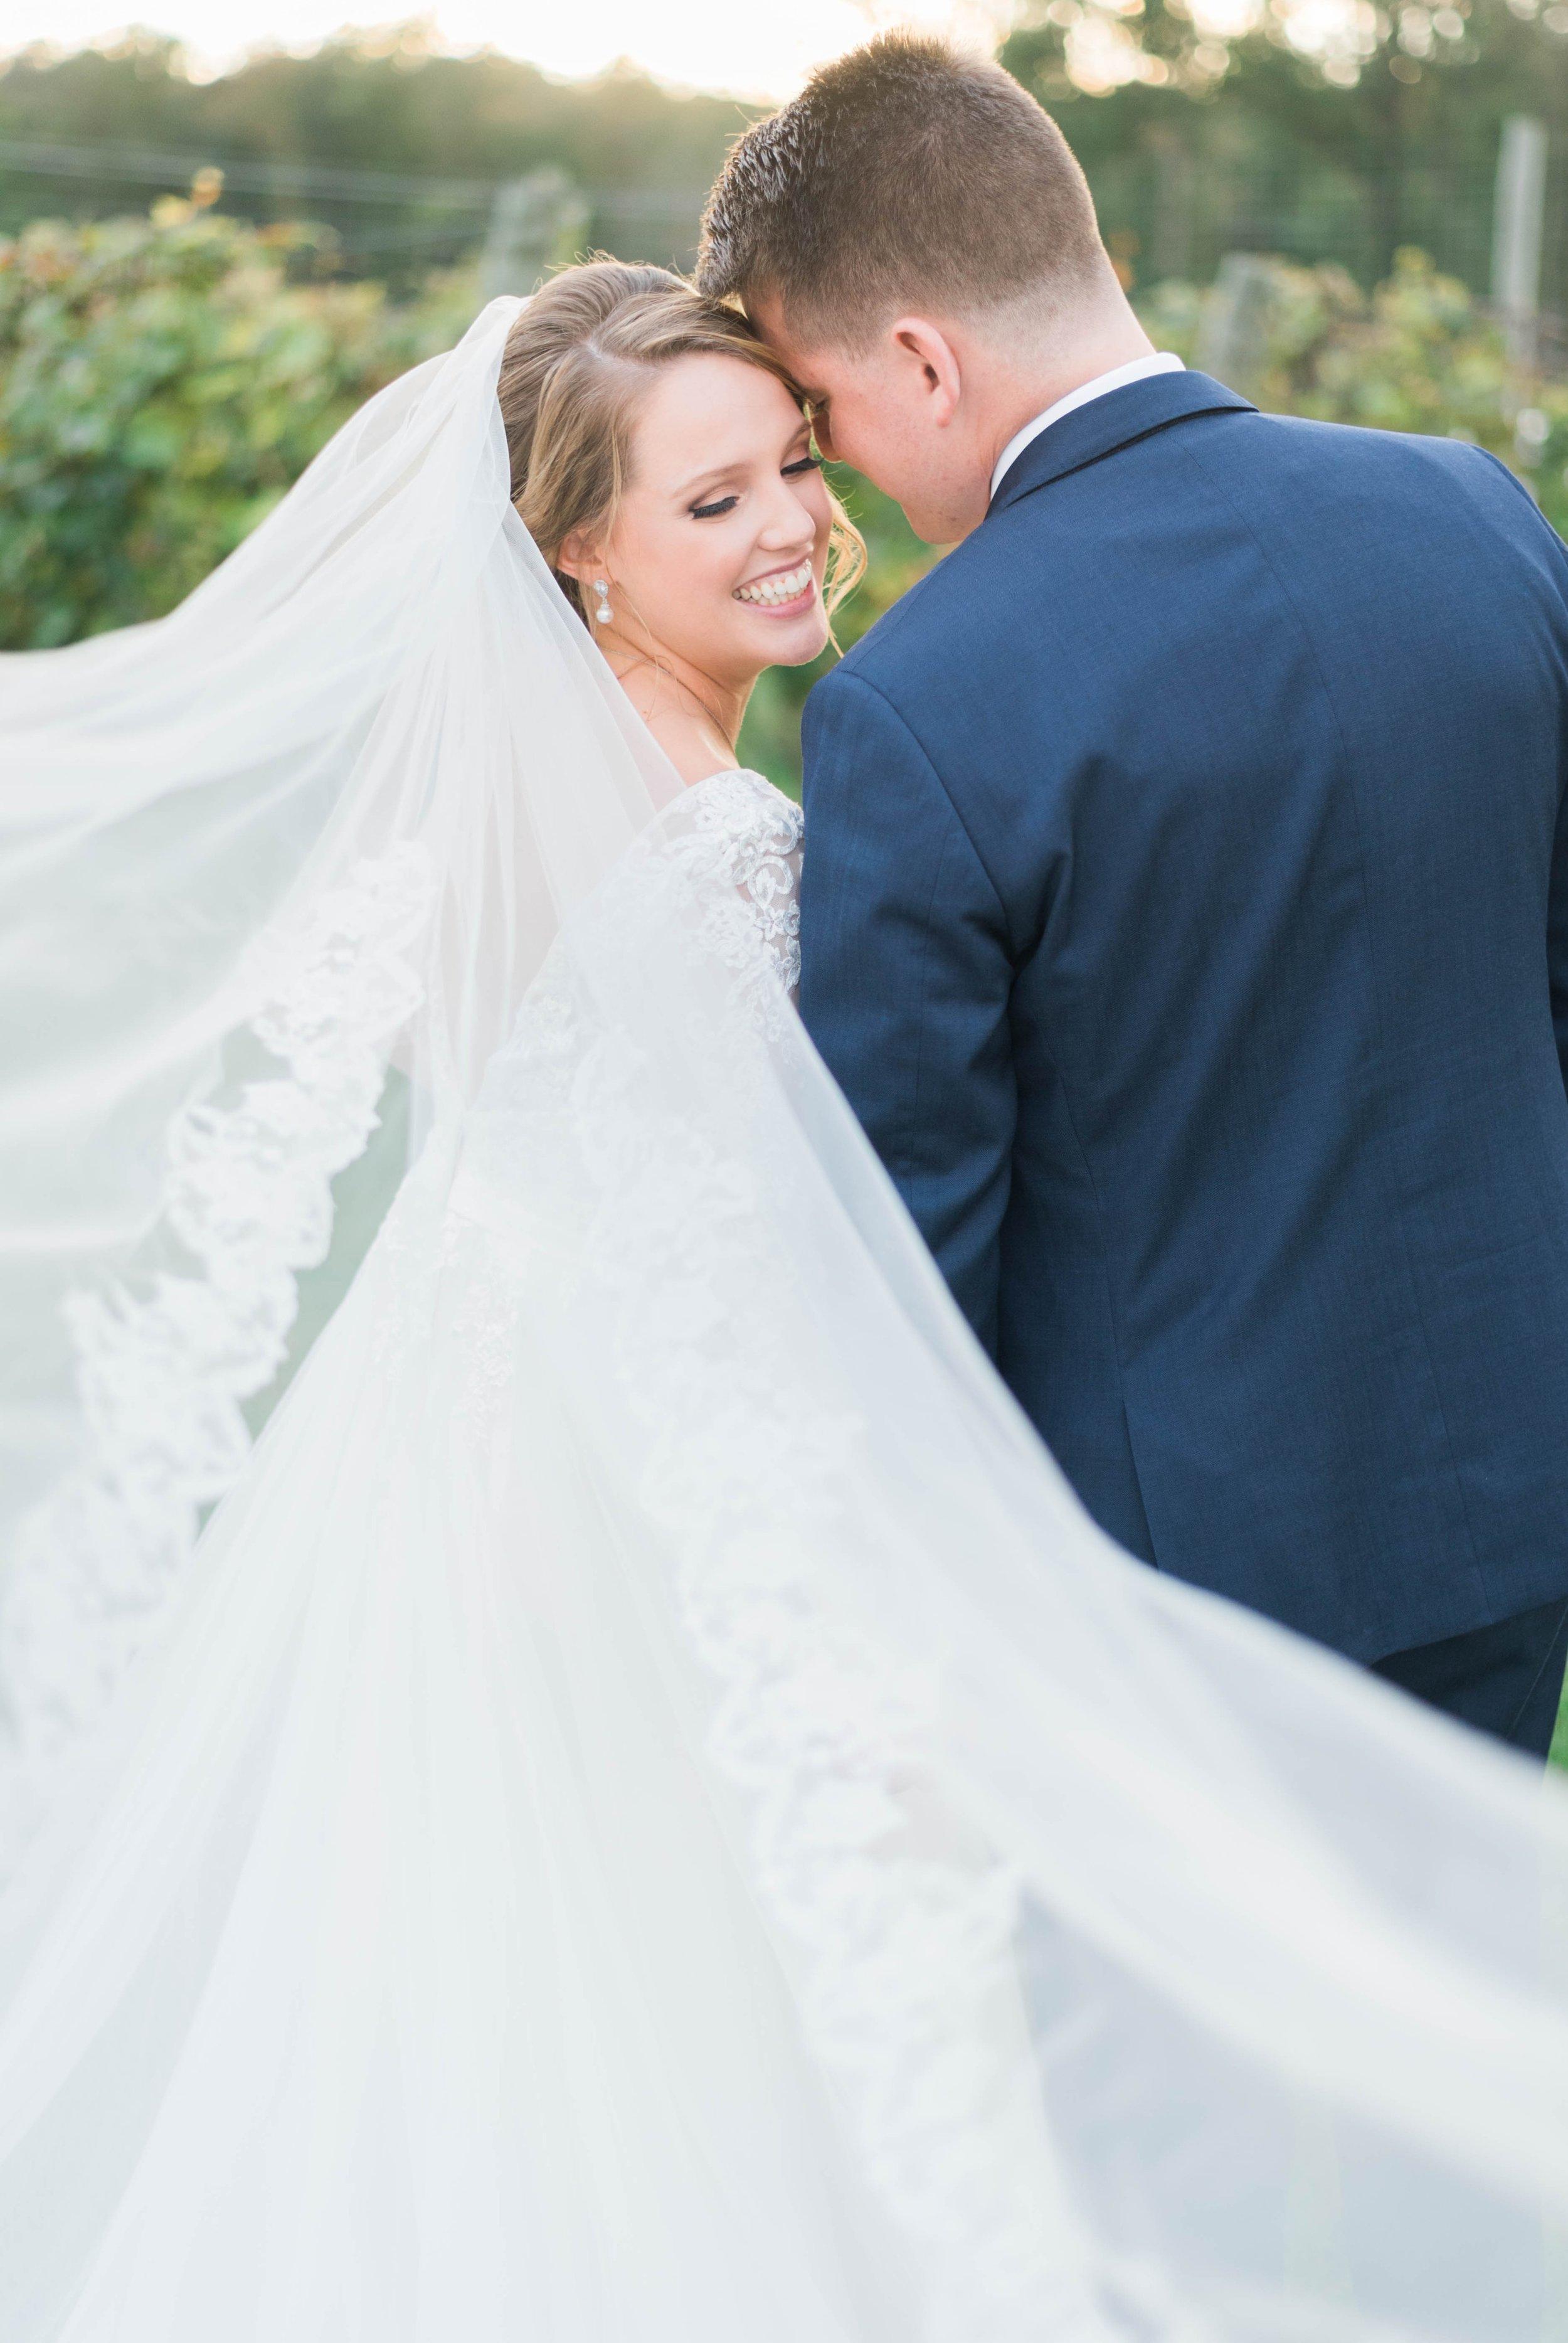 GrantElizabeth_wineryatbullrun_DCwedding_Virginiaweddingphotographer 29.jpg